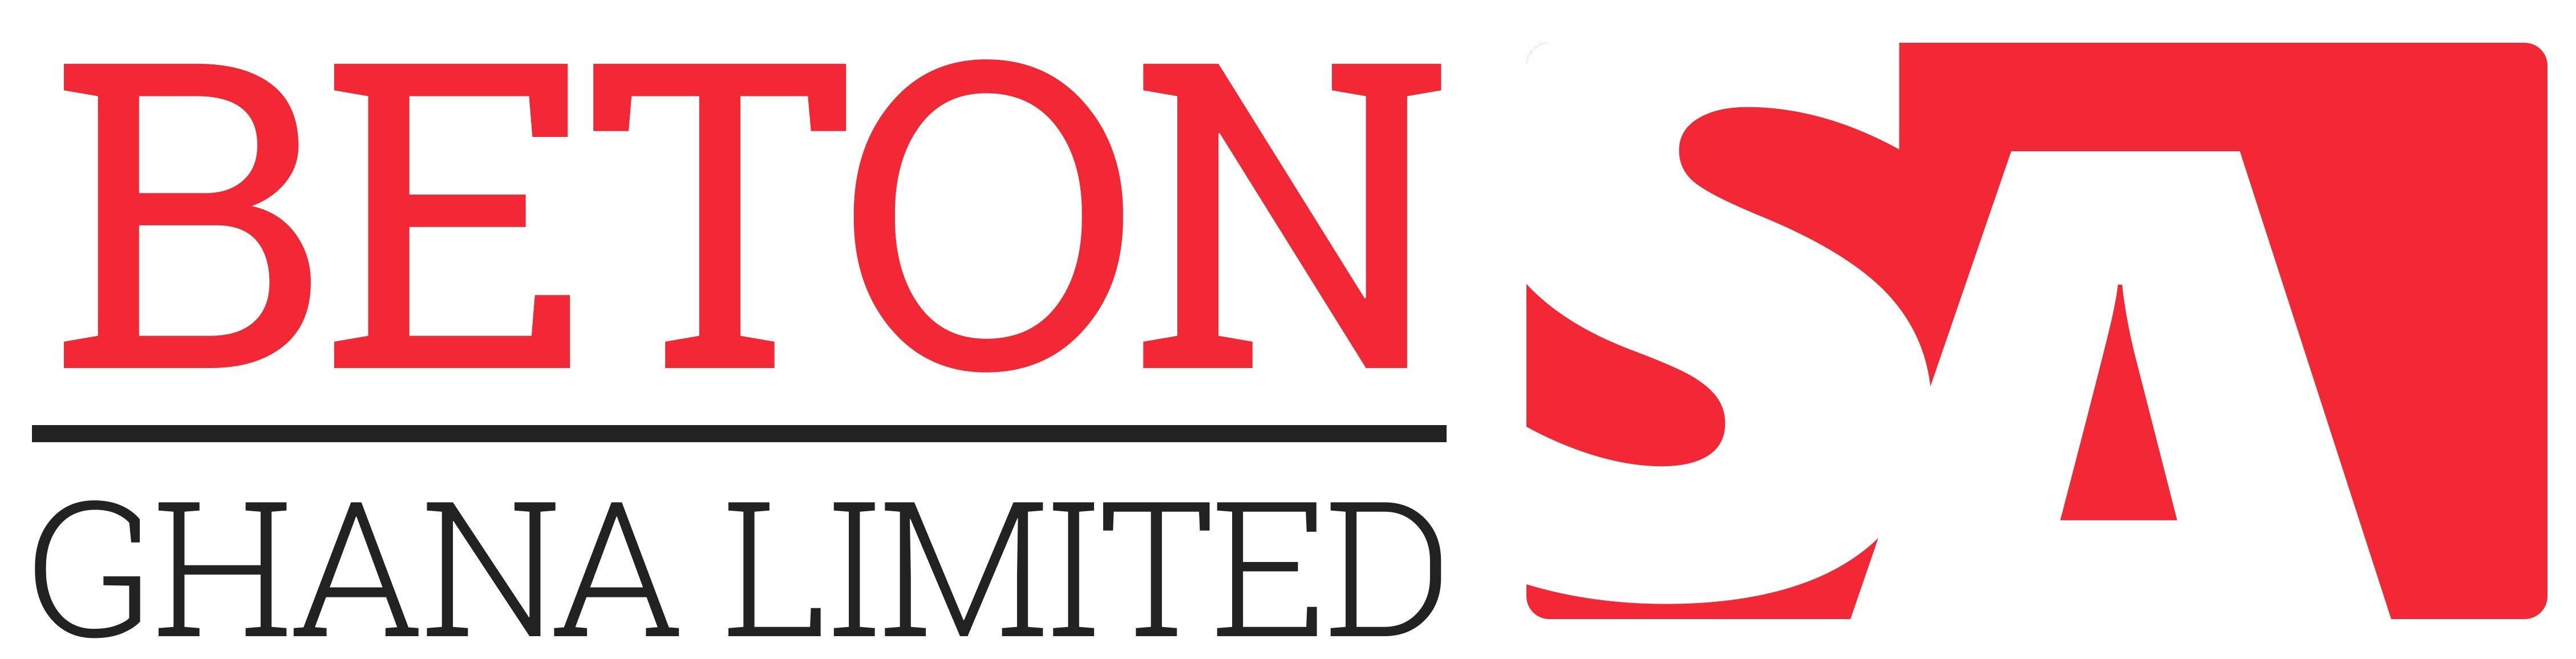 Betonsa Ghana Limited